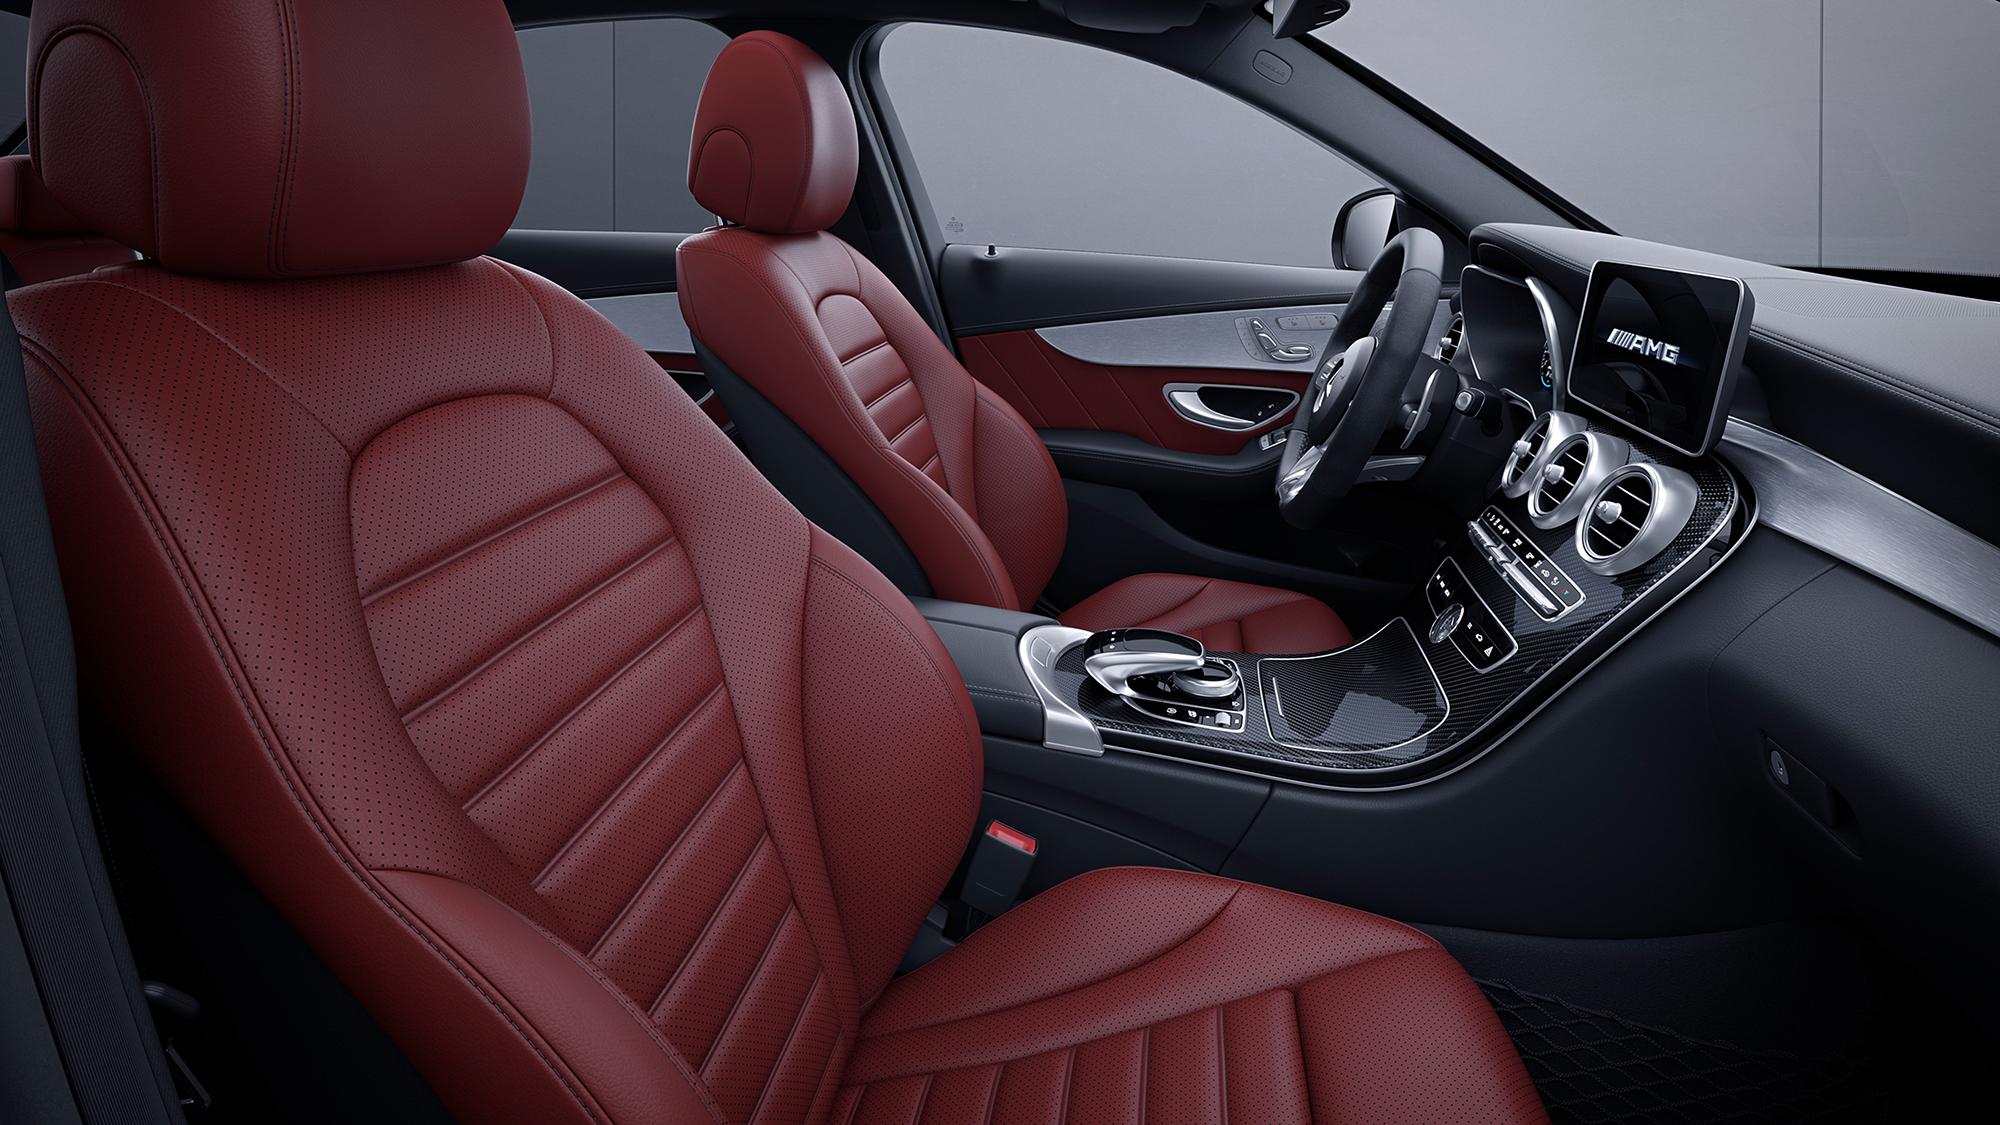 Mercedes lança nova linha da AMG C 63 com preços entre R$ 500 a 556 mil. Tres versões equipadas com motor v8 4.0 biturbo são oferecidas.